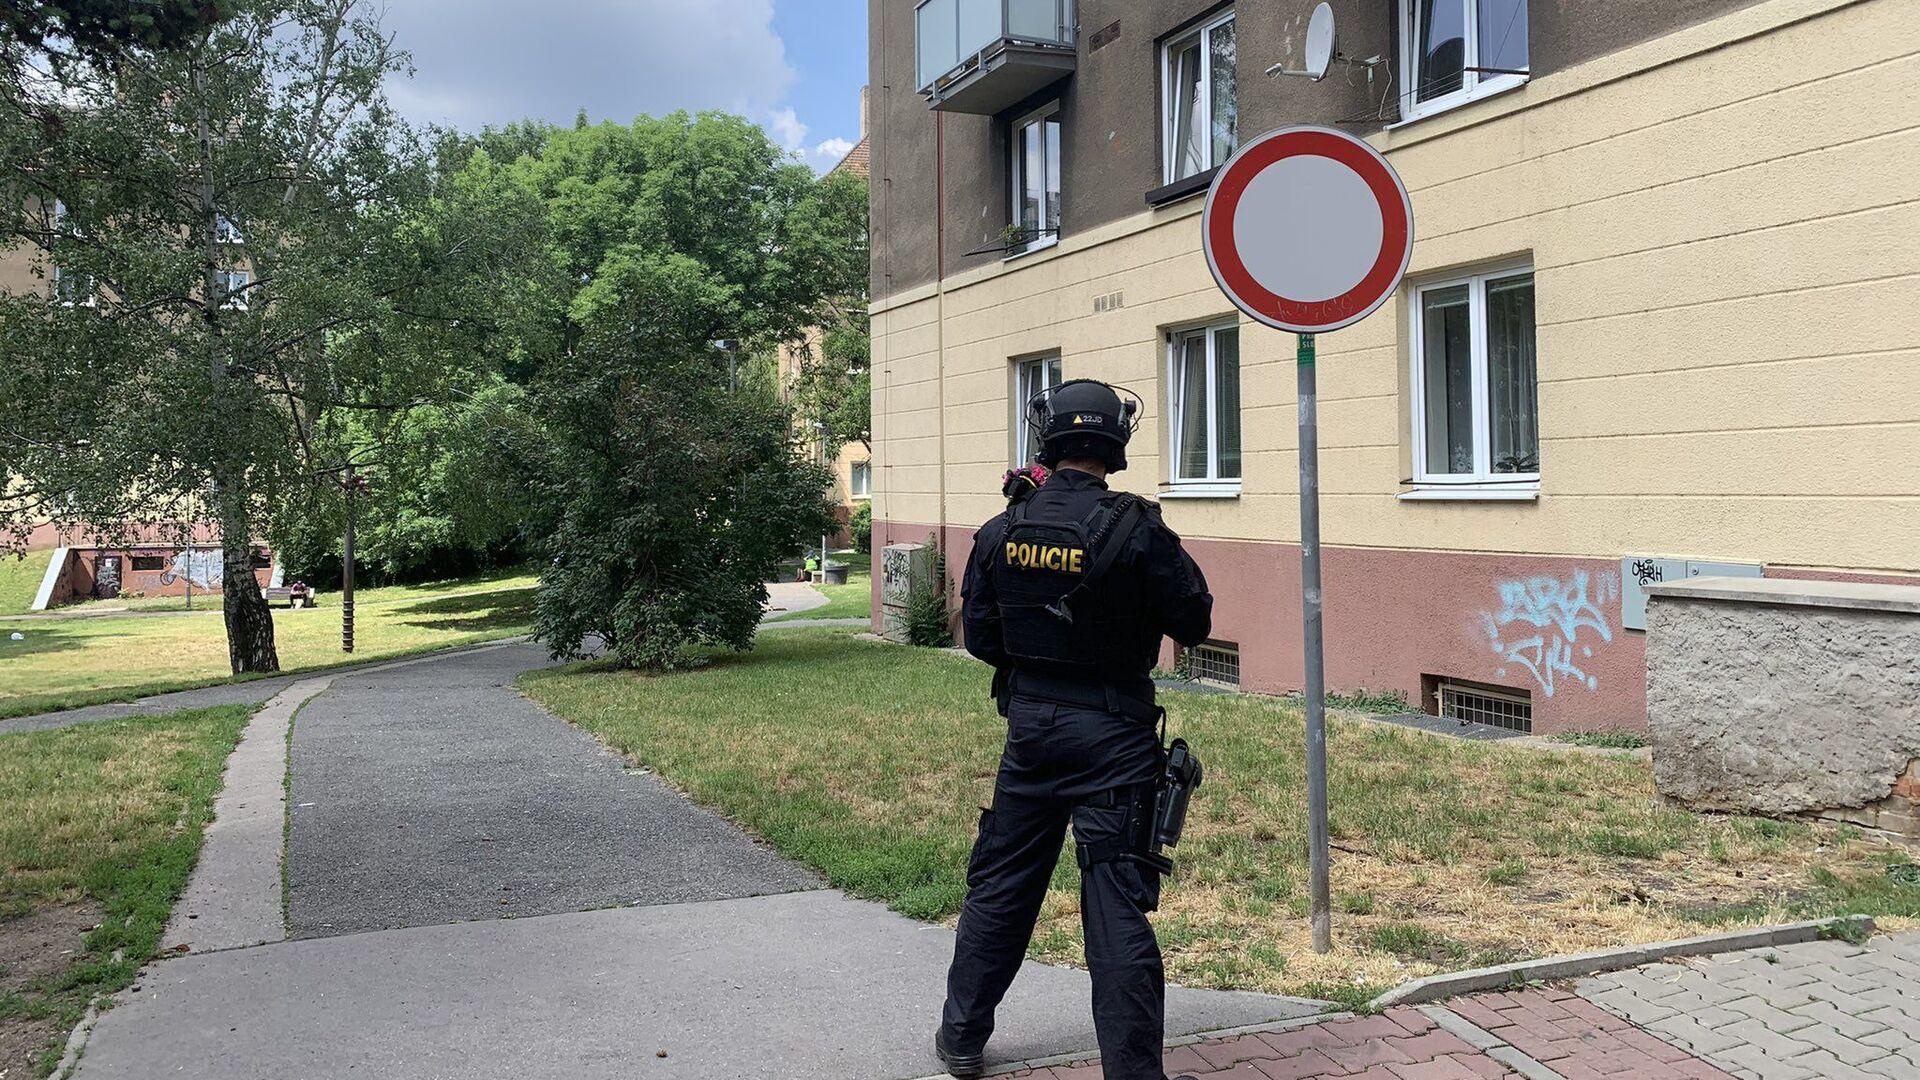 Policista hlídá dům v ulici U Libeňského pivovaru v Praze 8, kde došlo k výbuchu - Sputnik Česká republika, 1920, 30.08.2021